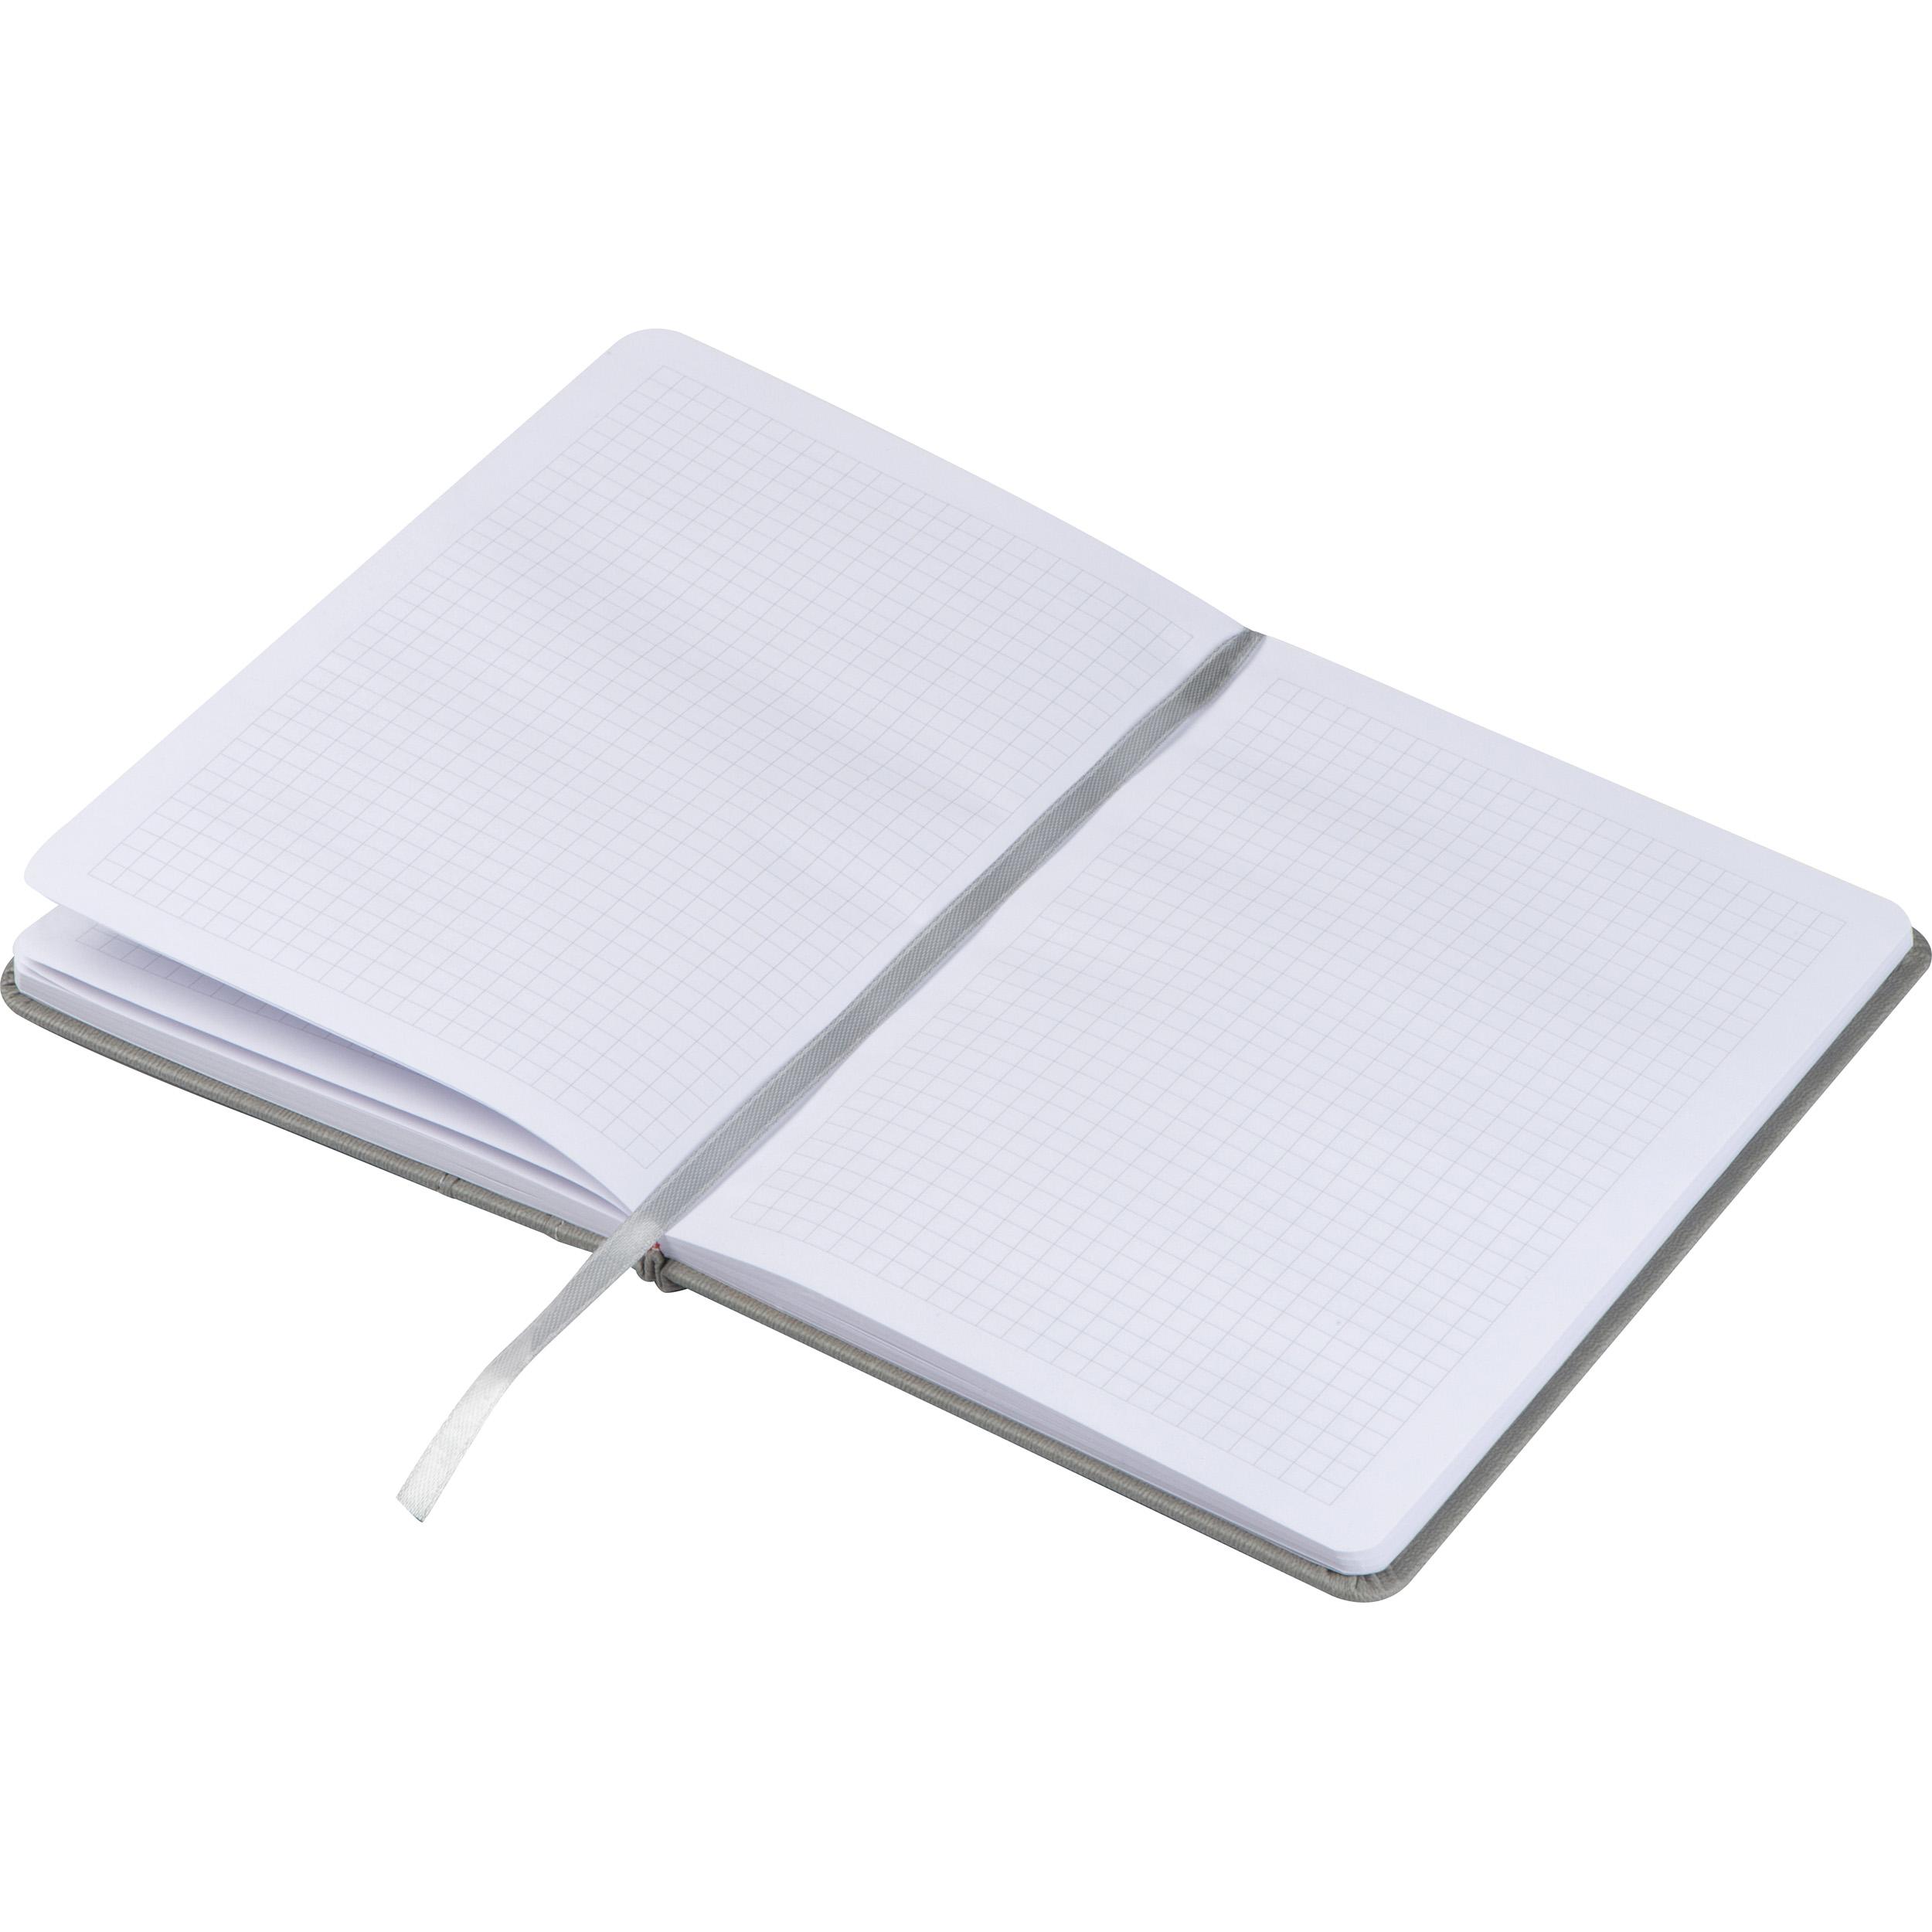 Notizbuch mit Steckfach A5